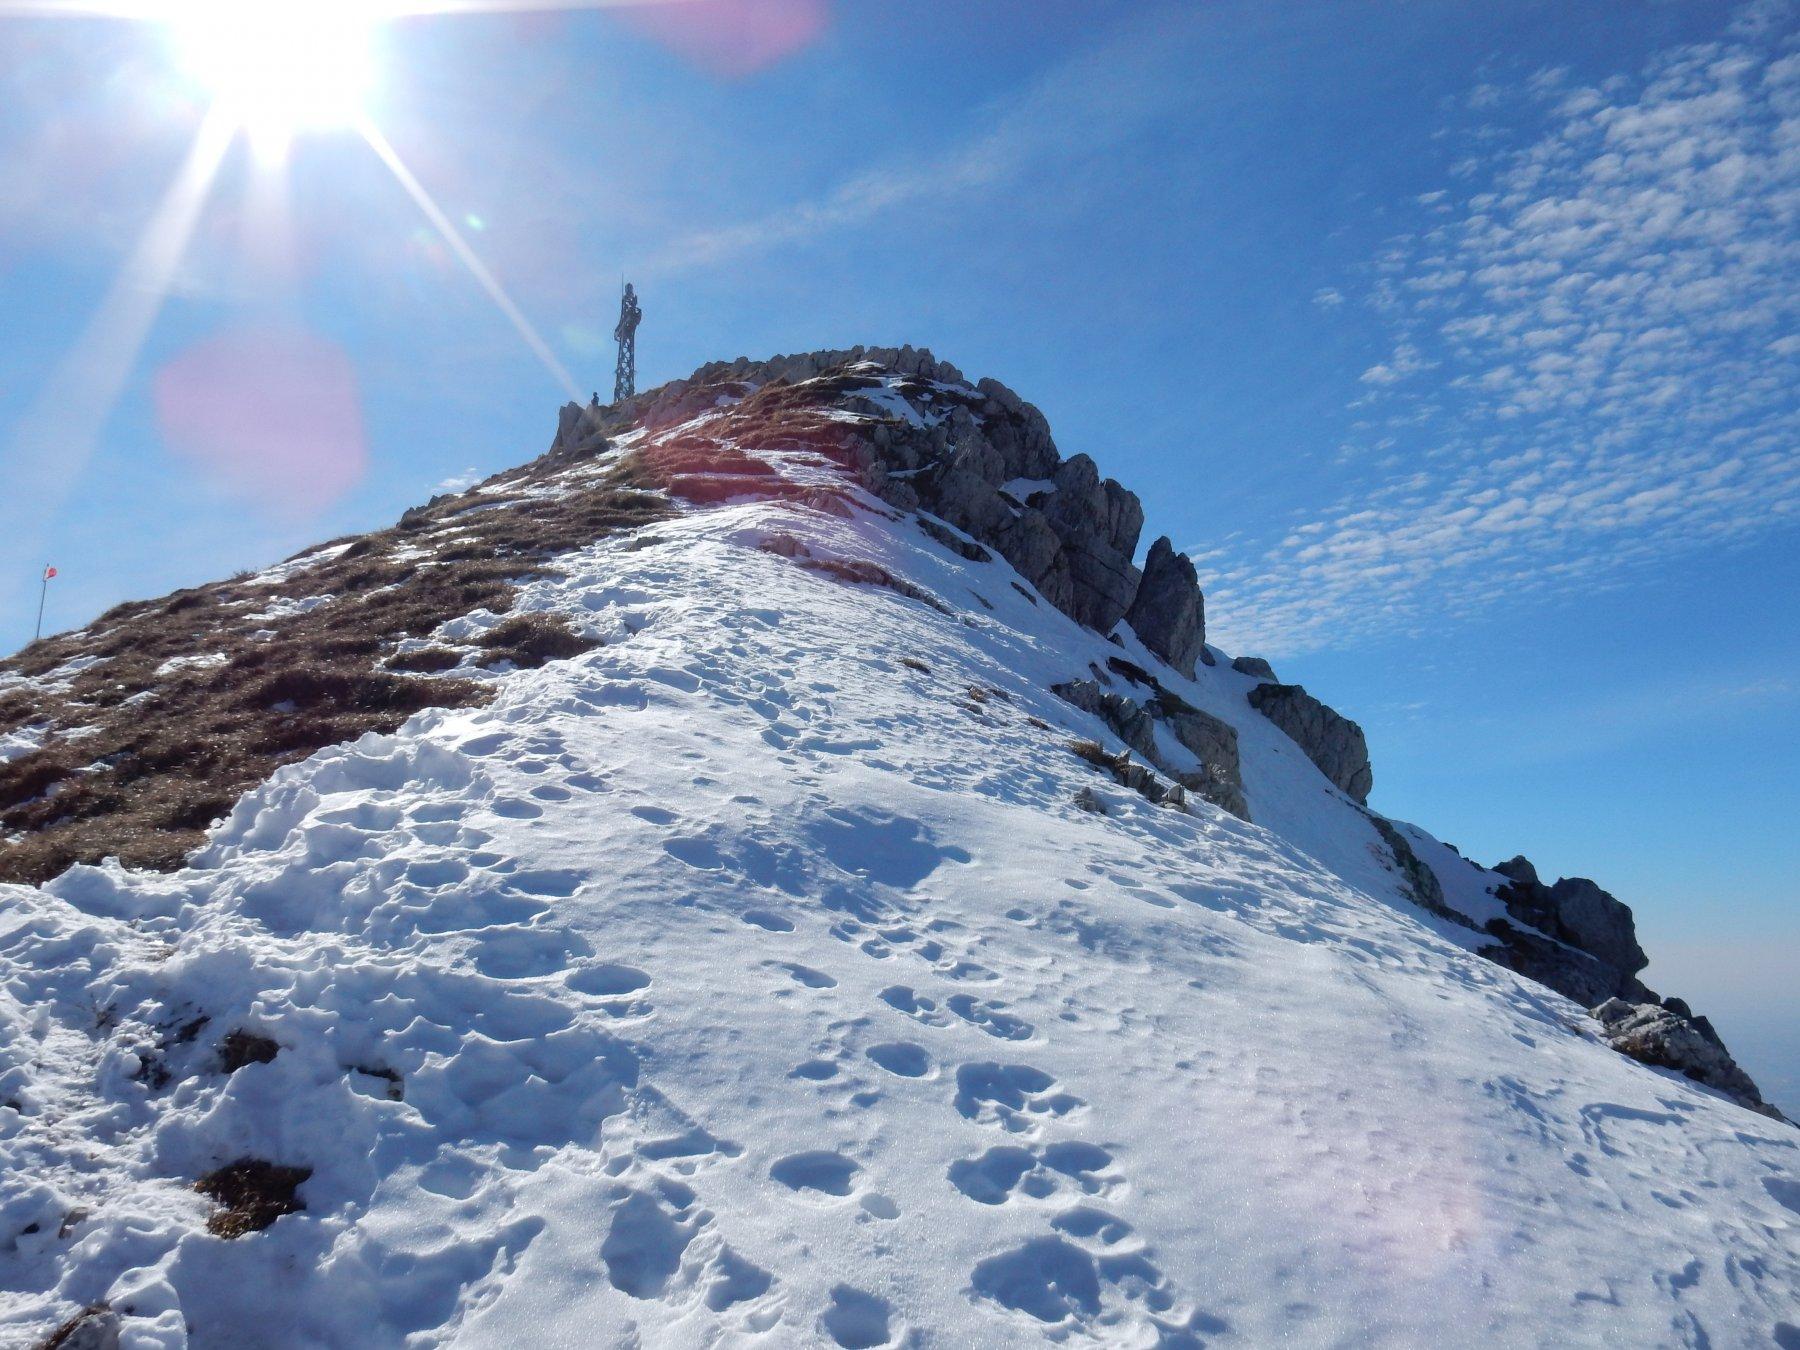 Stoppani (Punta) Canale della Val Caldera 2019-02-24